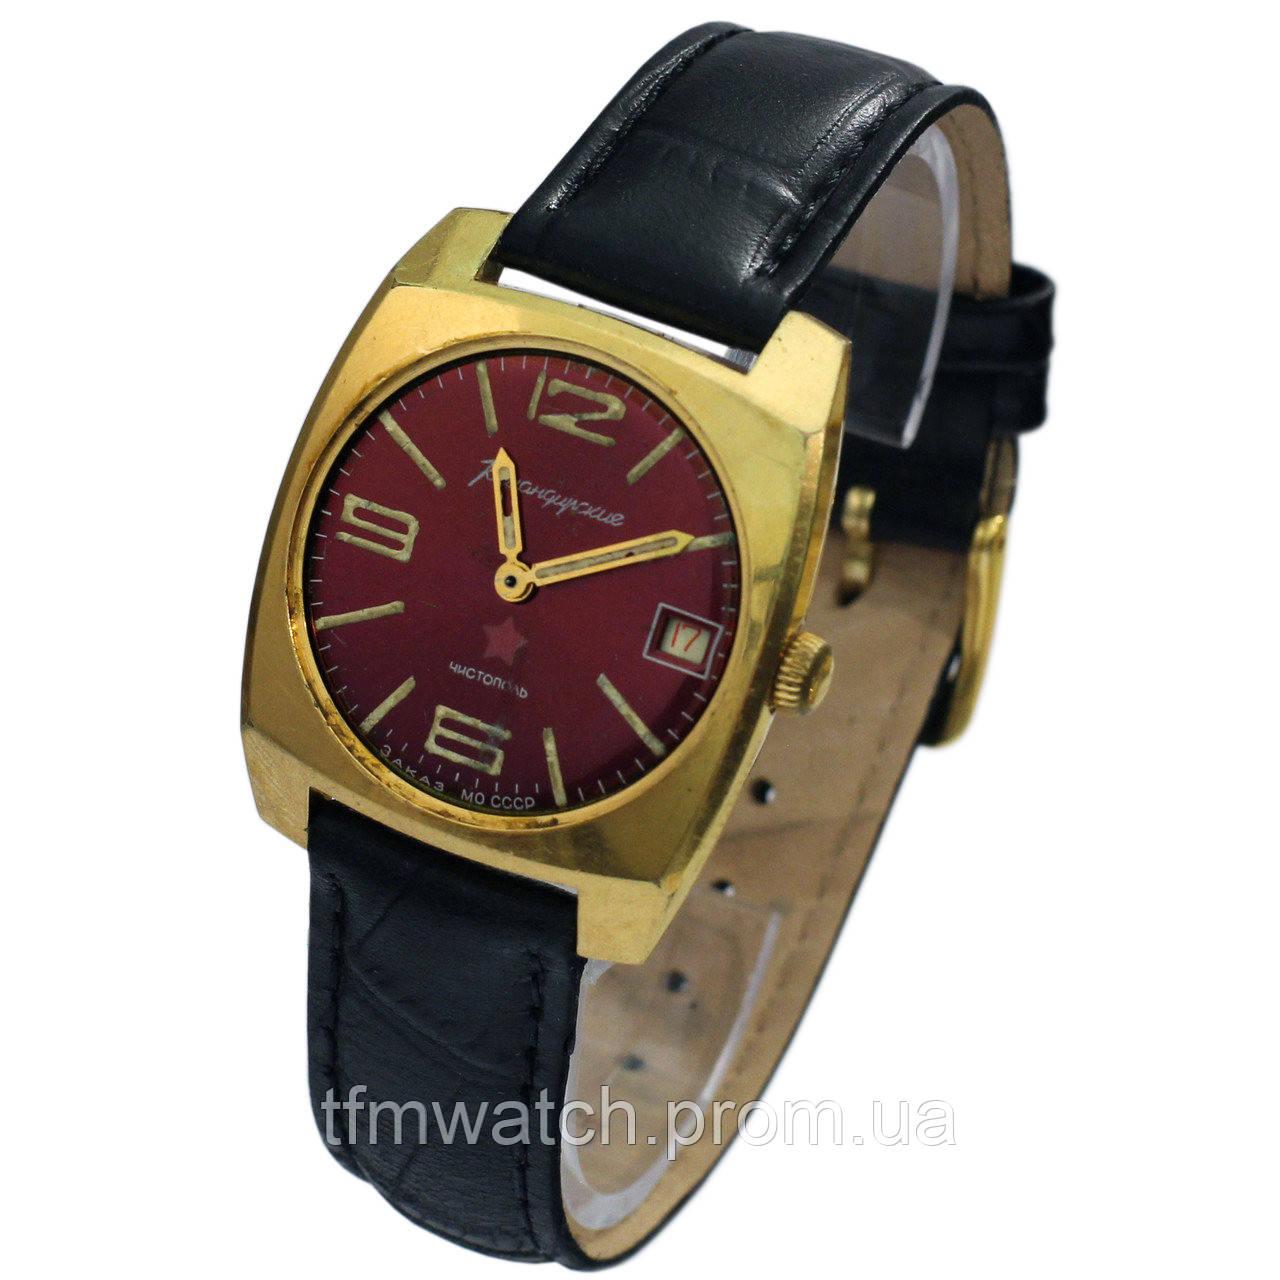 2b2ff309 Позолоченные Командирские часы СССР - Магазин старинных, винтажных и  антикварных часов TFMwatch в России